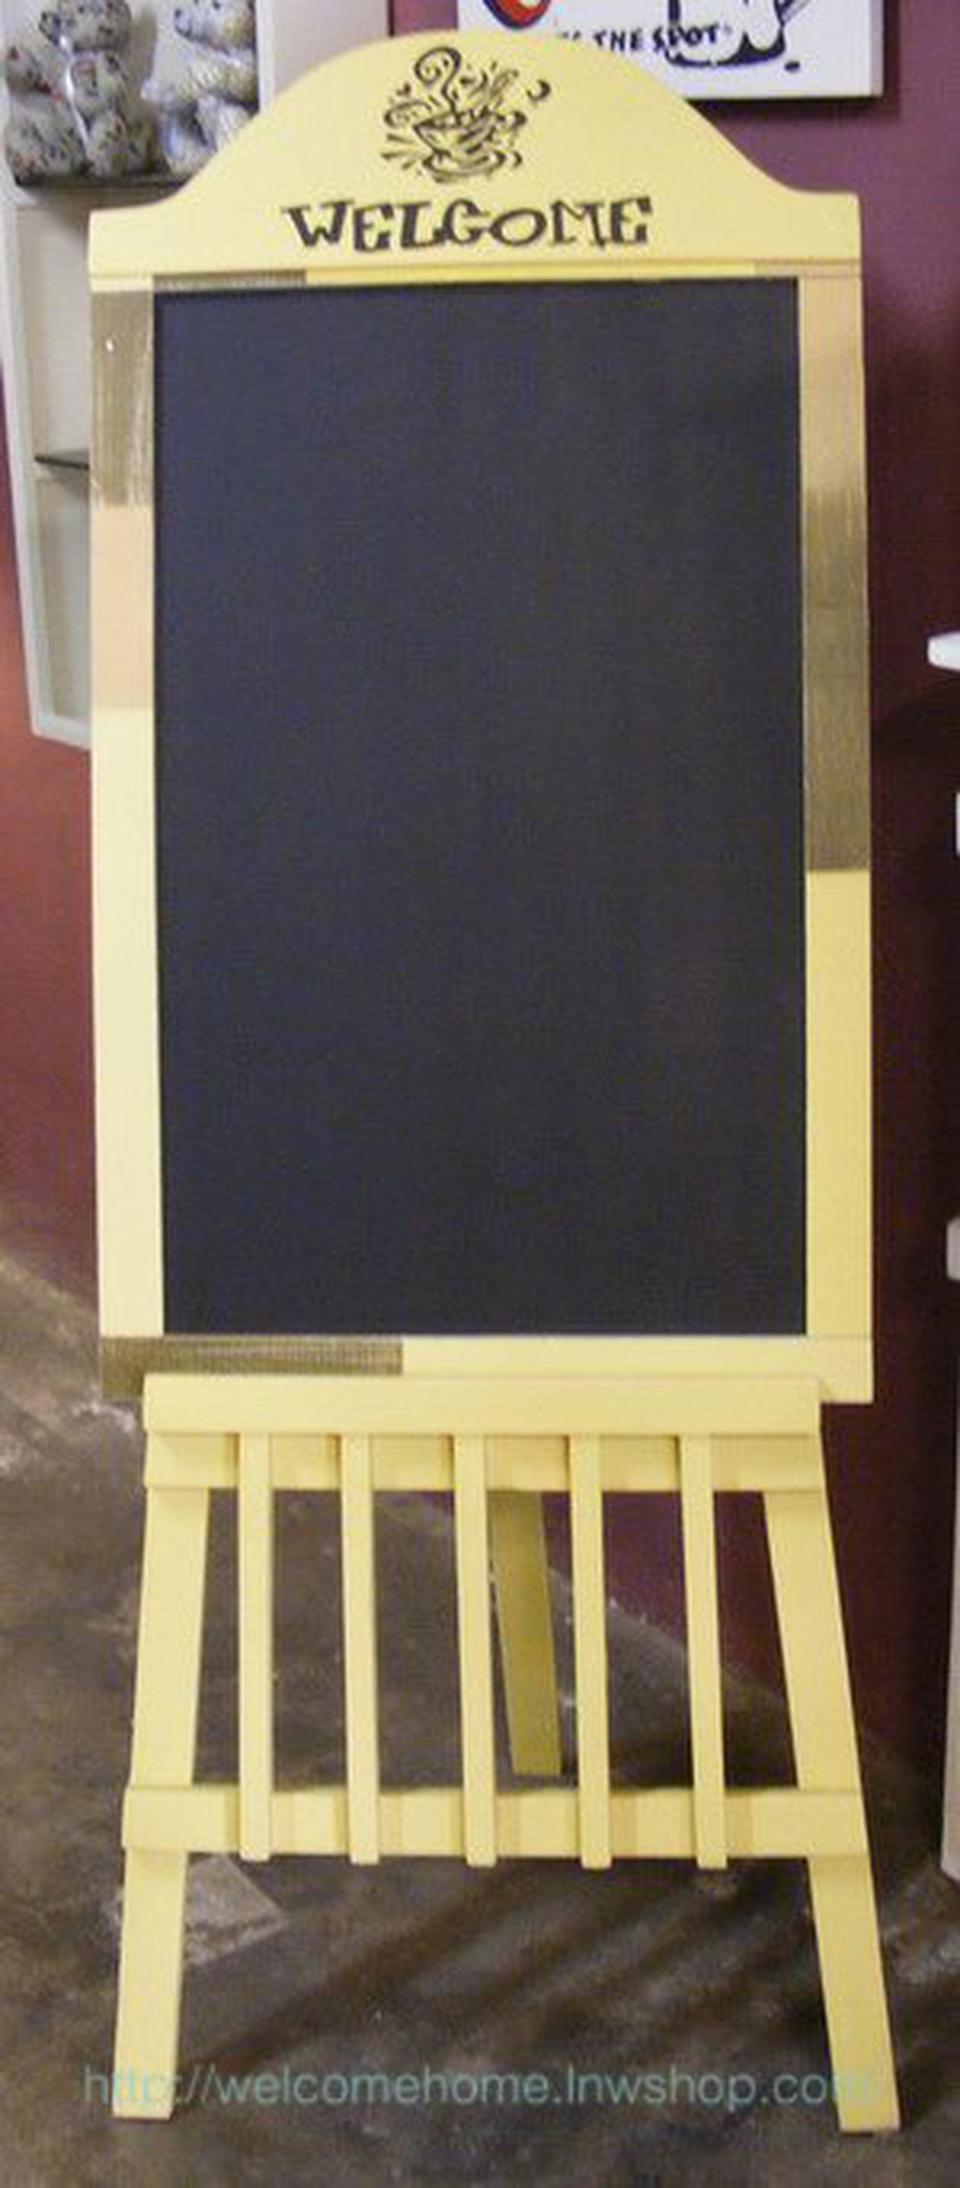 กระดานดำตั้งพื้น ของตกแต่งหน้าร้านขายของเก๋ๆครับ รูปที่ 2